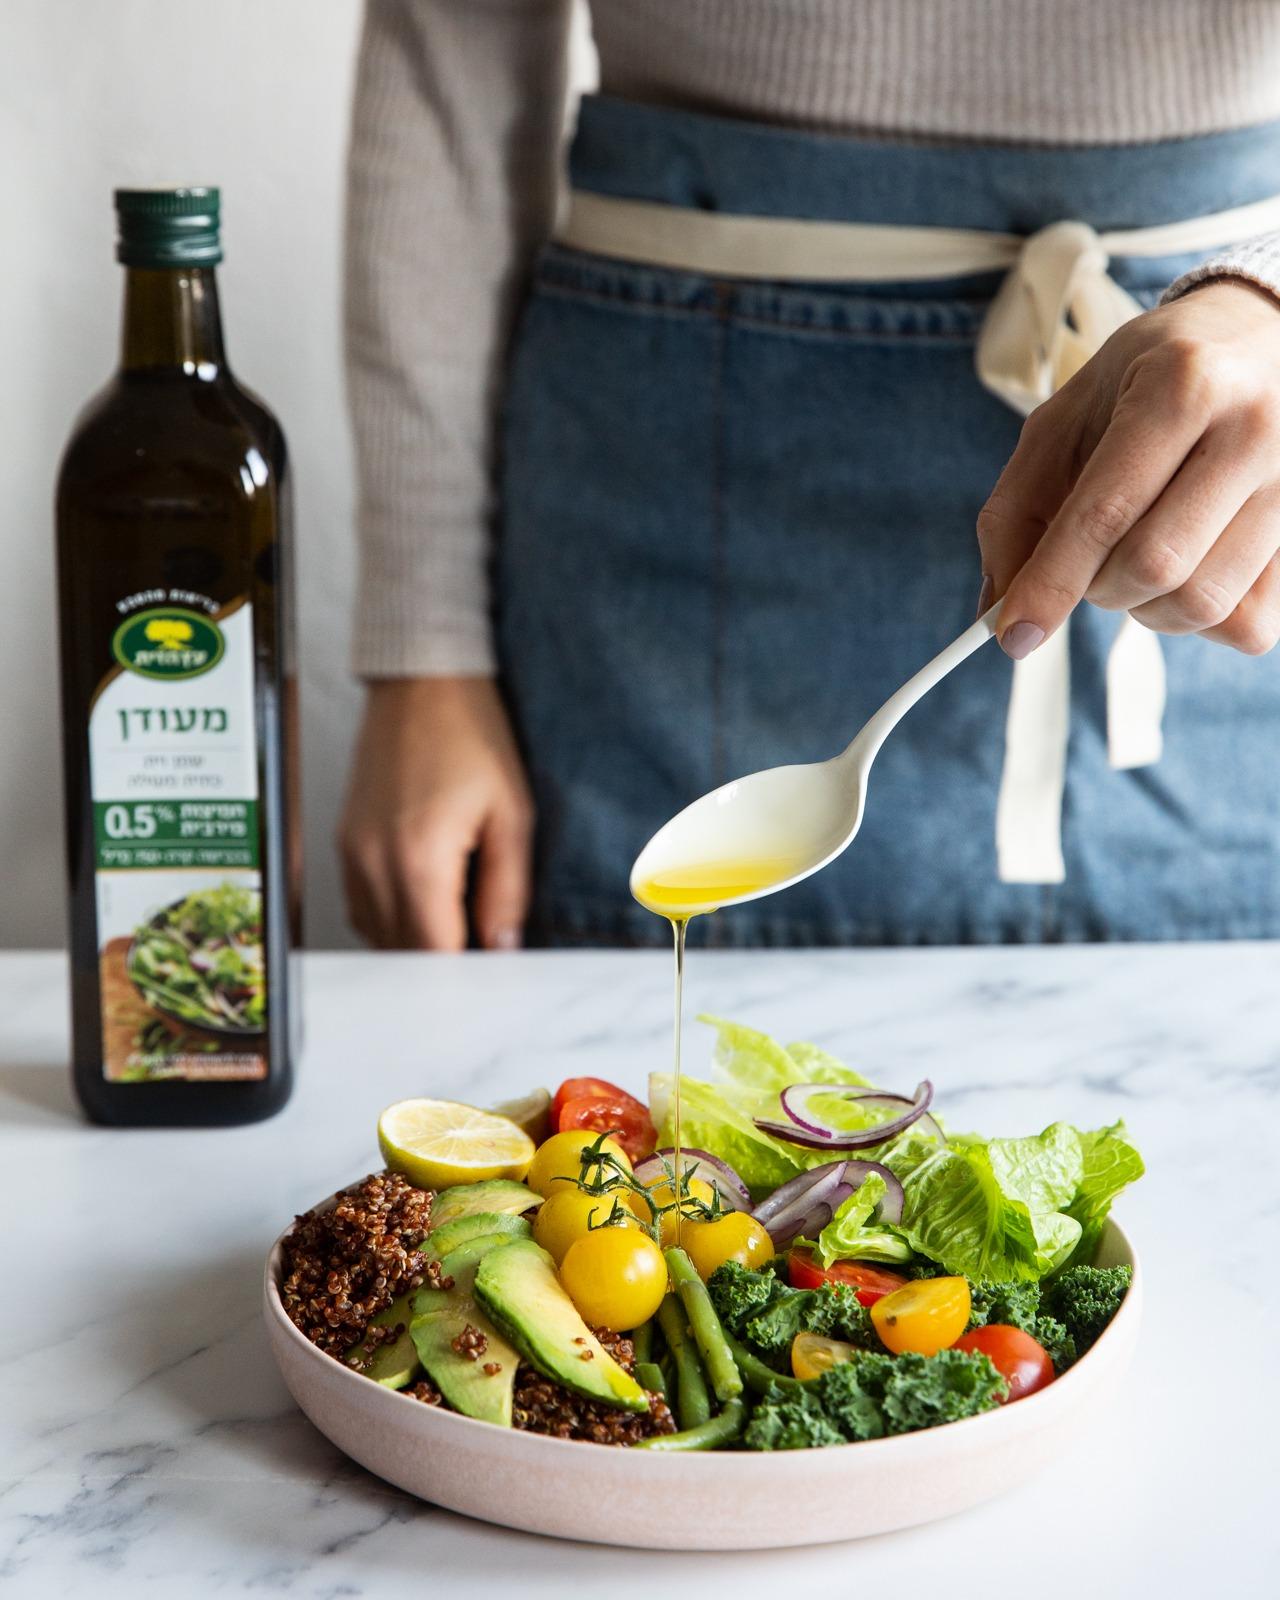 מתכונים בריאים שניתן להכין בכל בית – לא תאמינו עד כמה קל להכין אוכל בריא וטעים